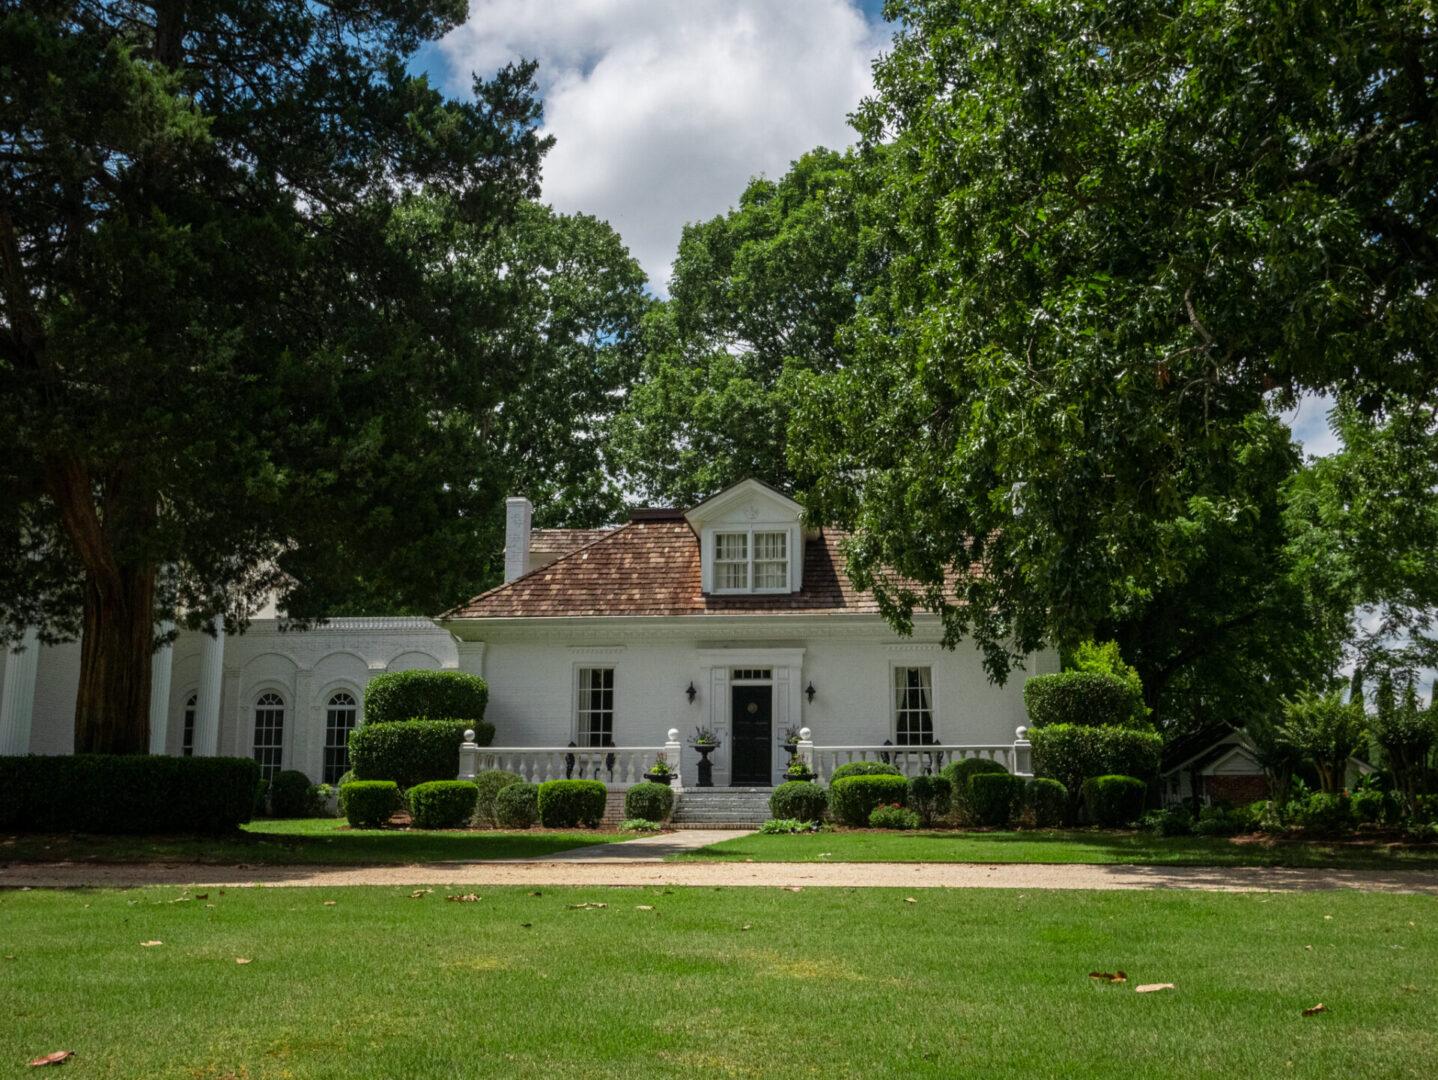 Entrance to manor inSerenata Farm in Madison, GA